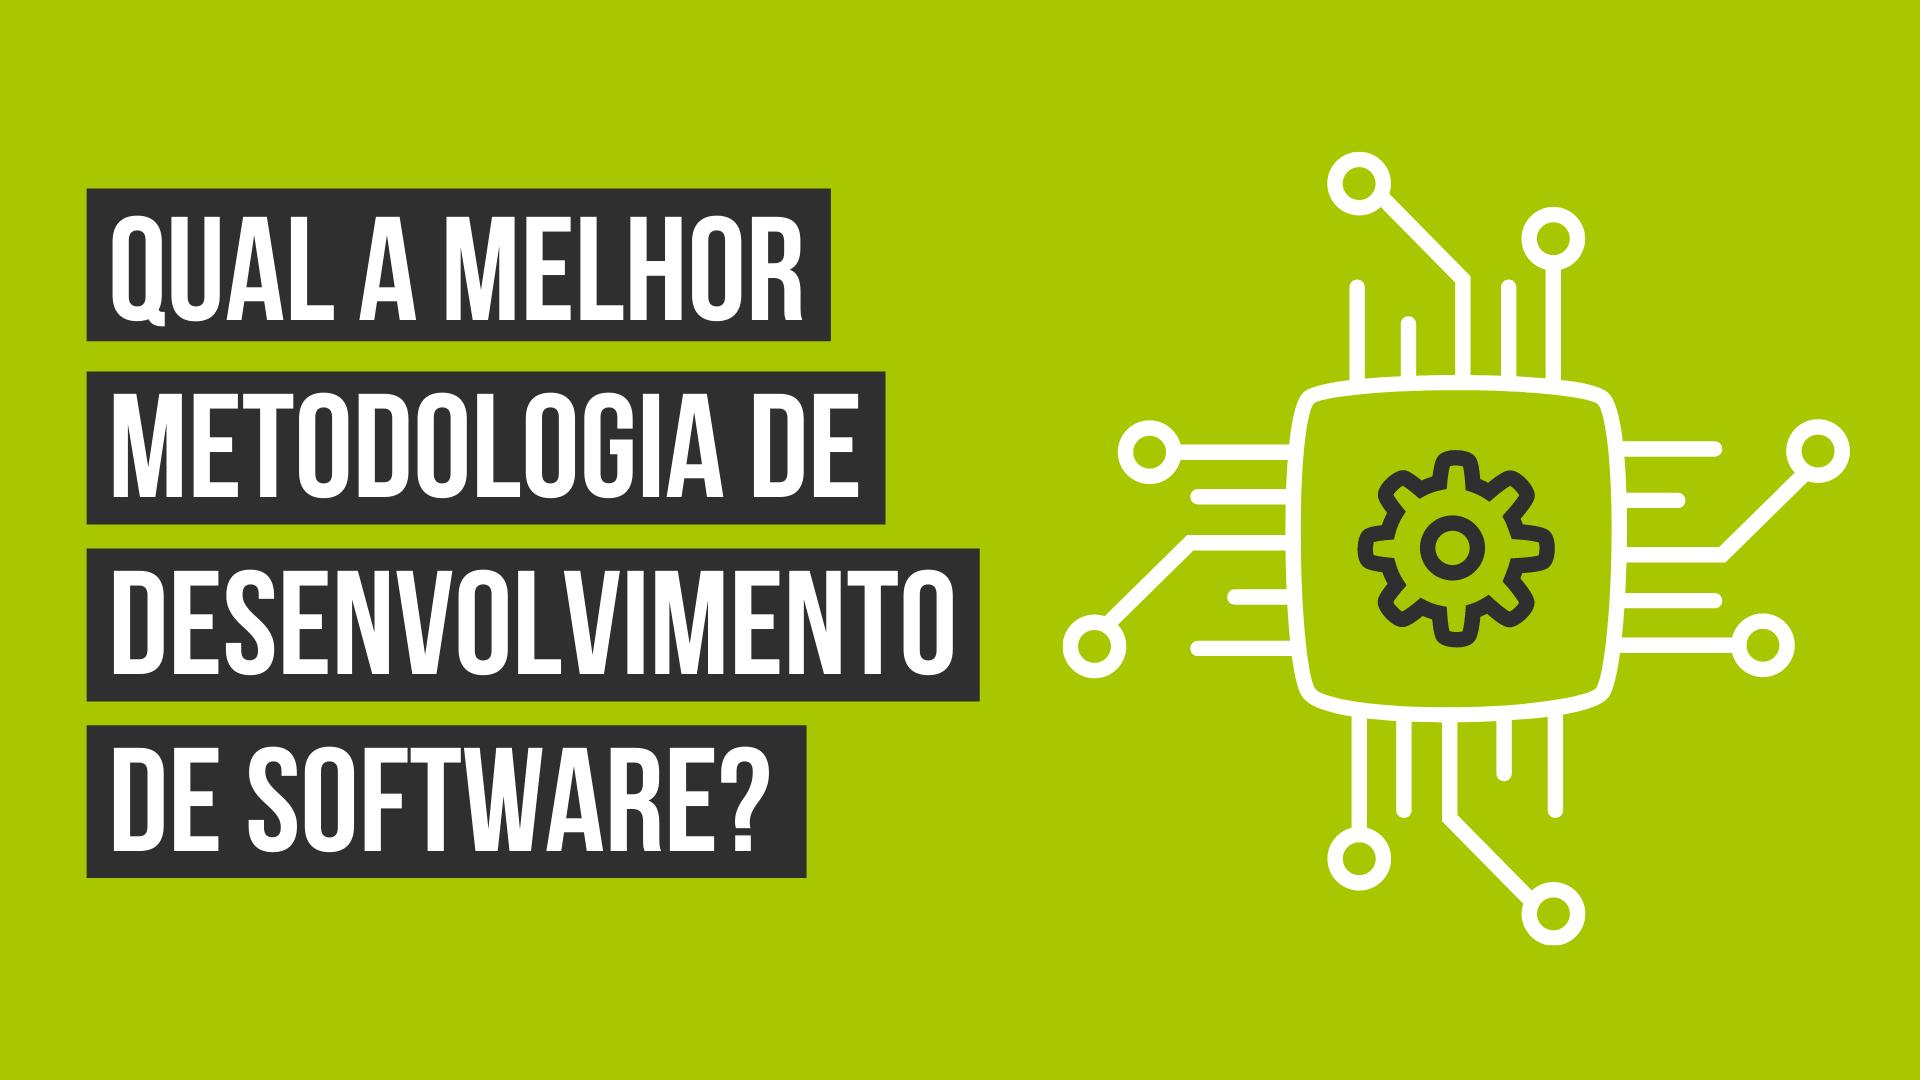 Qual a melhor metodologia de desenvolvimento de software?